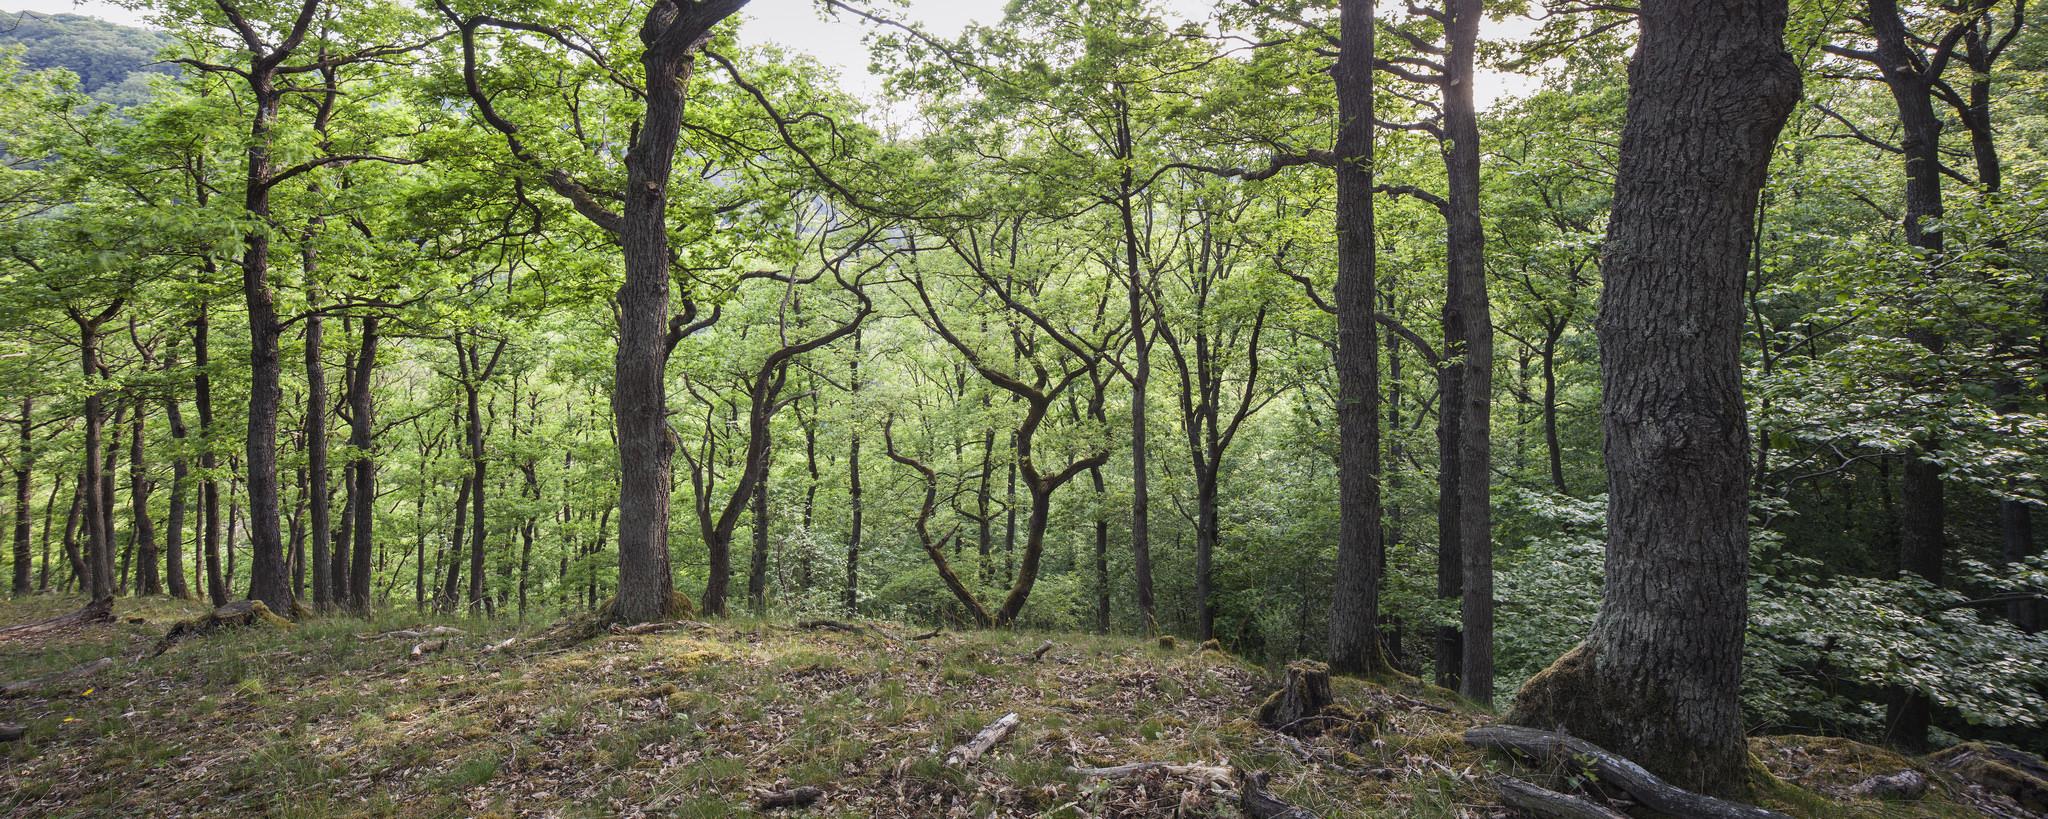 Im FinalForest und im Waldreservat WildeBuche in der Eifel dürfen jahrhundertealte Bäume ungestört wachsen. Foto: ForestFinance